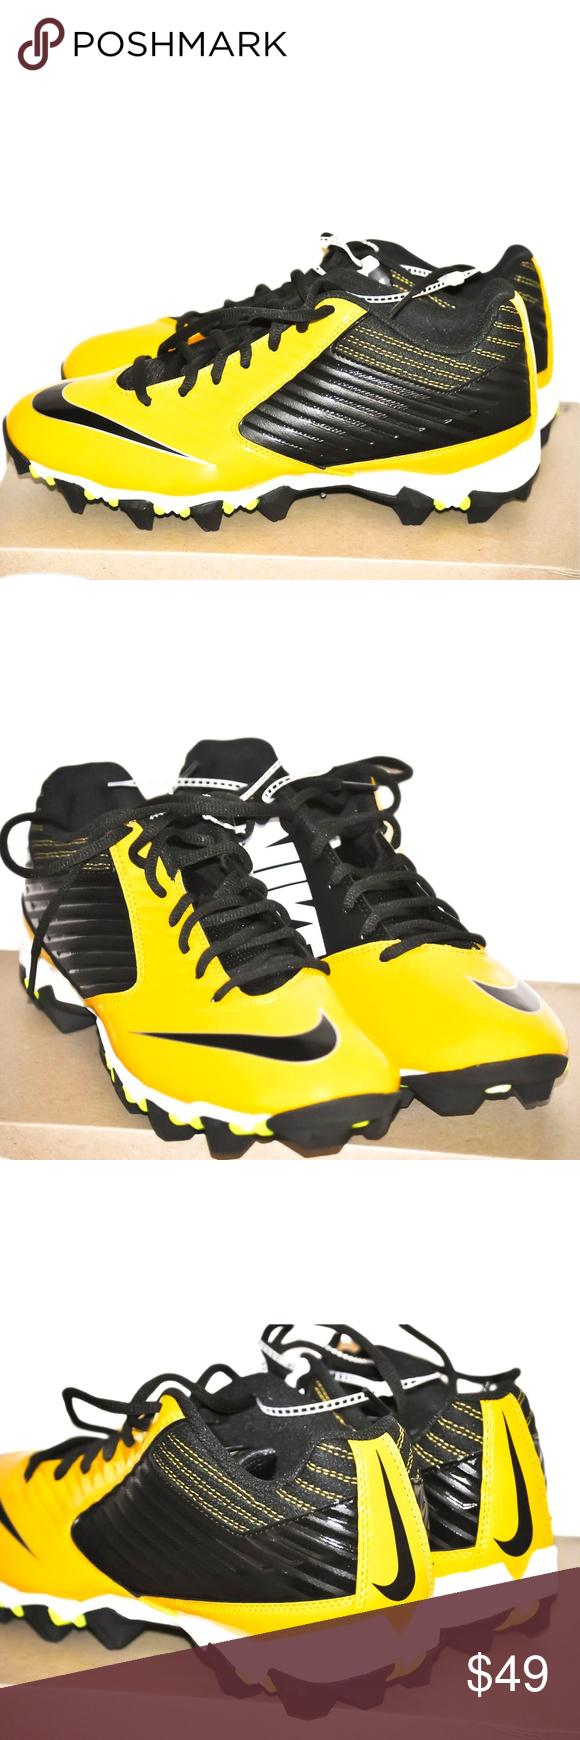 Nike Men's Vapor Shark Football Cleats size 9 NIB NWT Pinterest